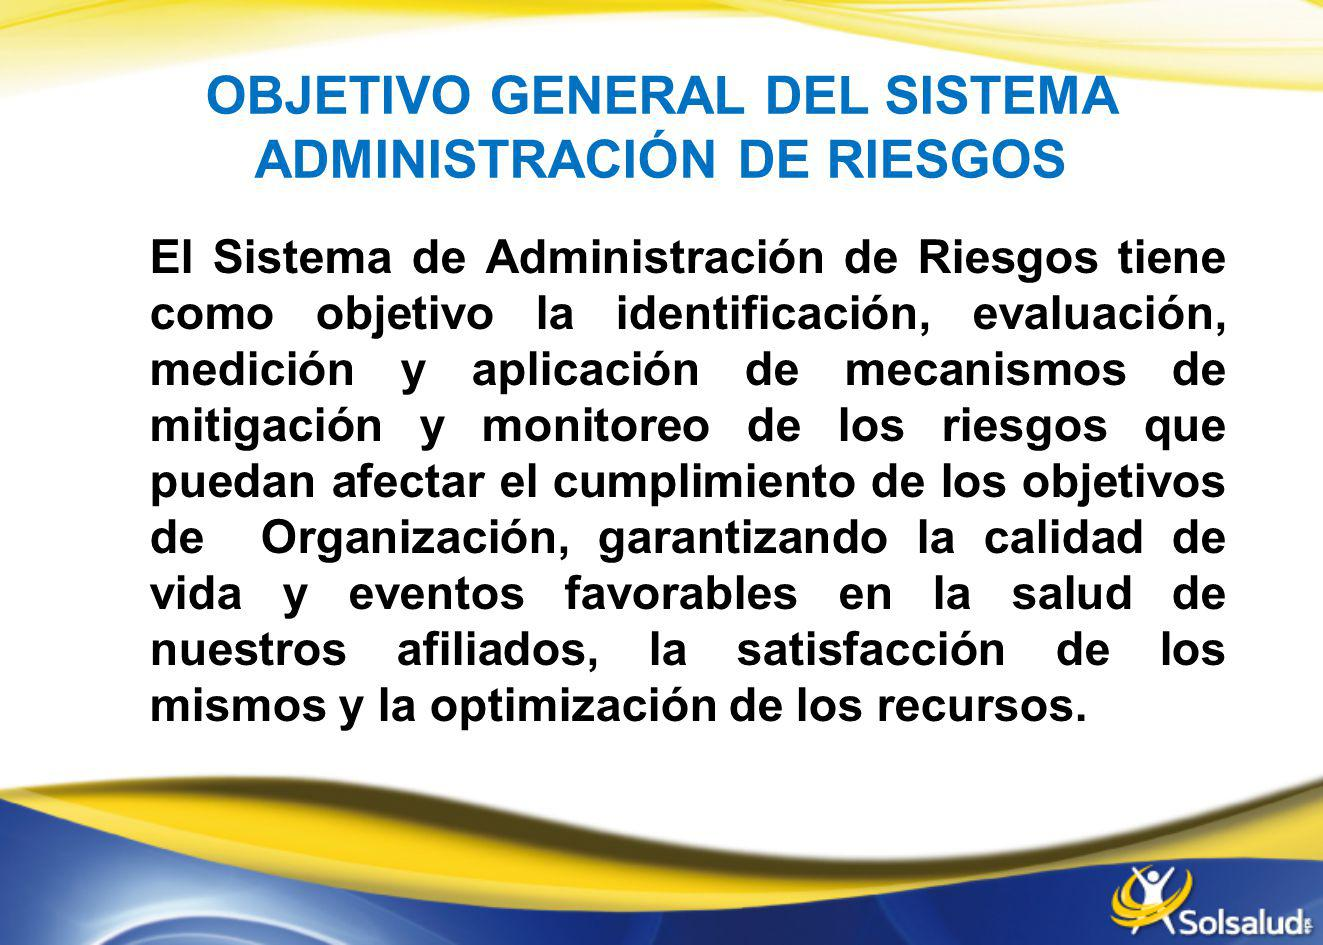 OBJETIVO GENERAL DEL SISTEMA ADMINISTRACIÓN DE RIESGOS